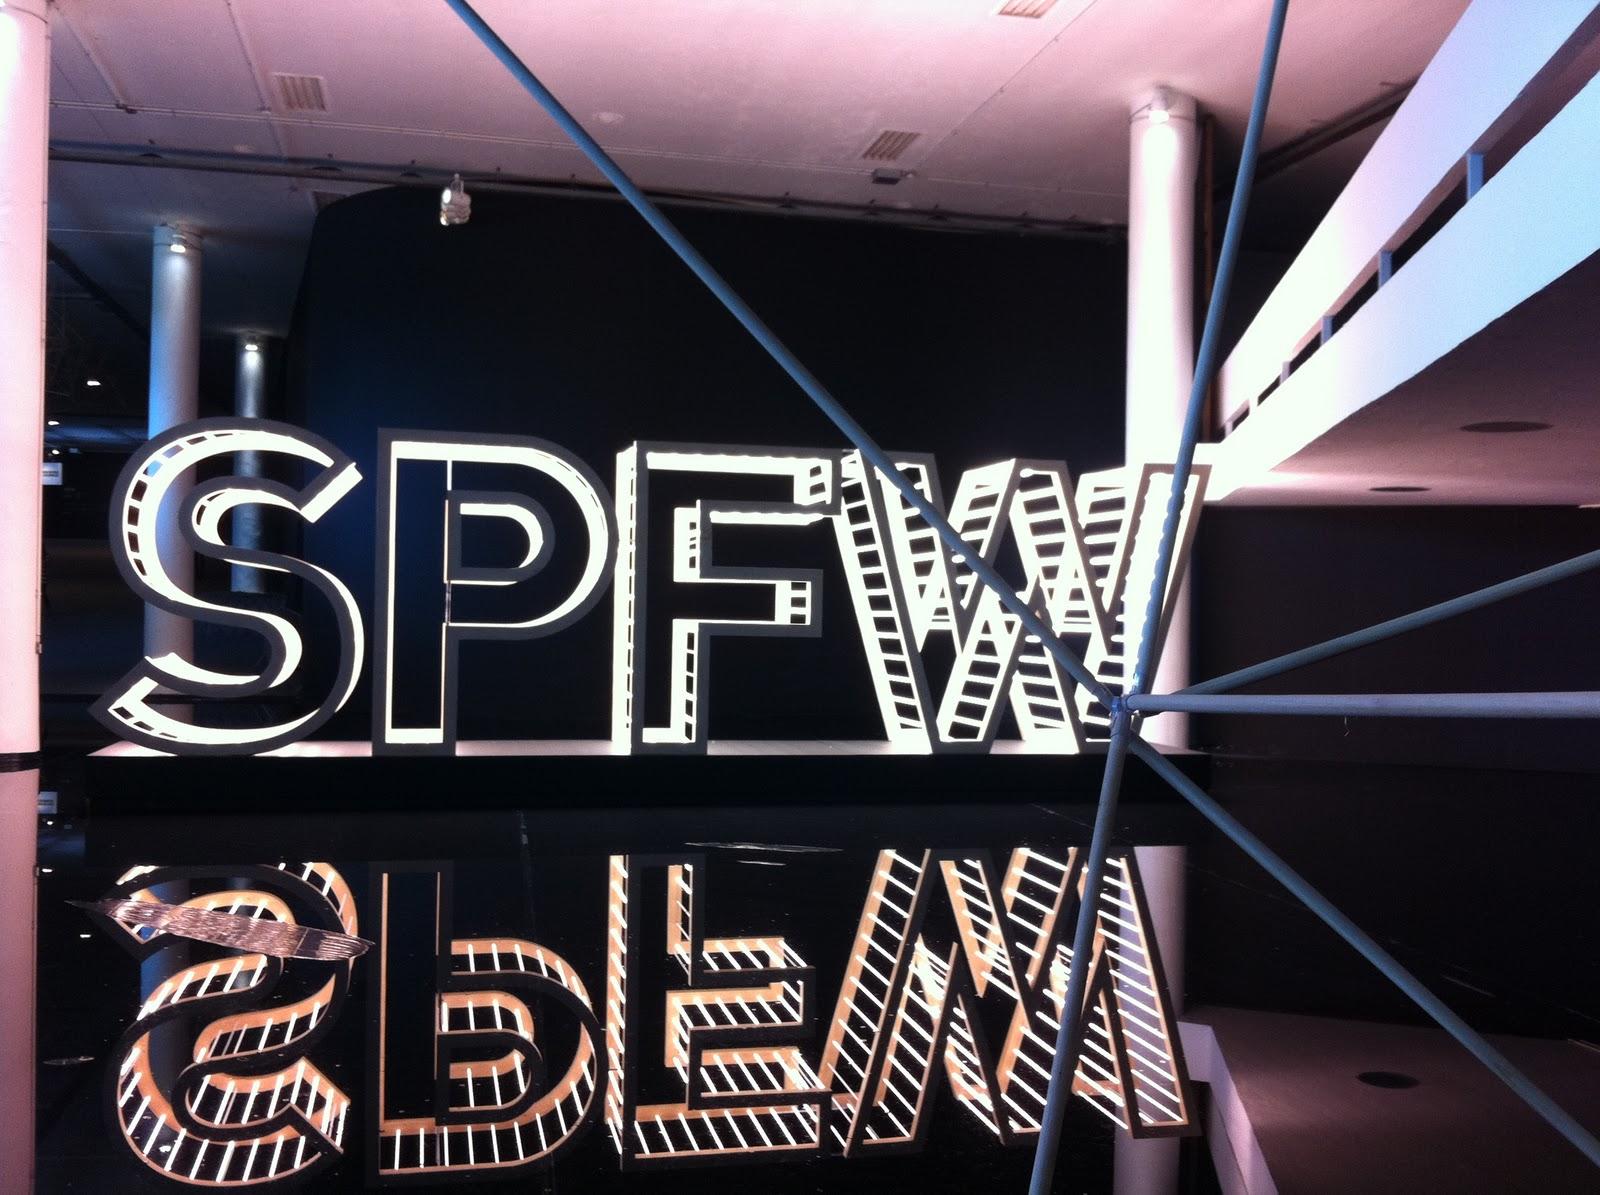 Bem vindos aos SPFW